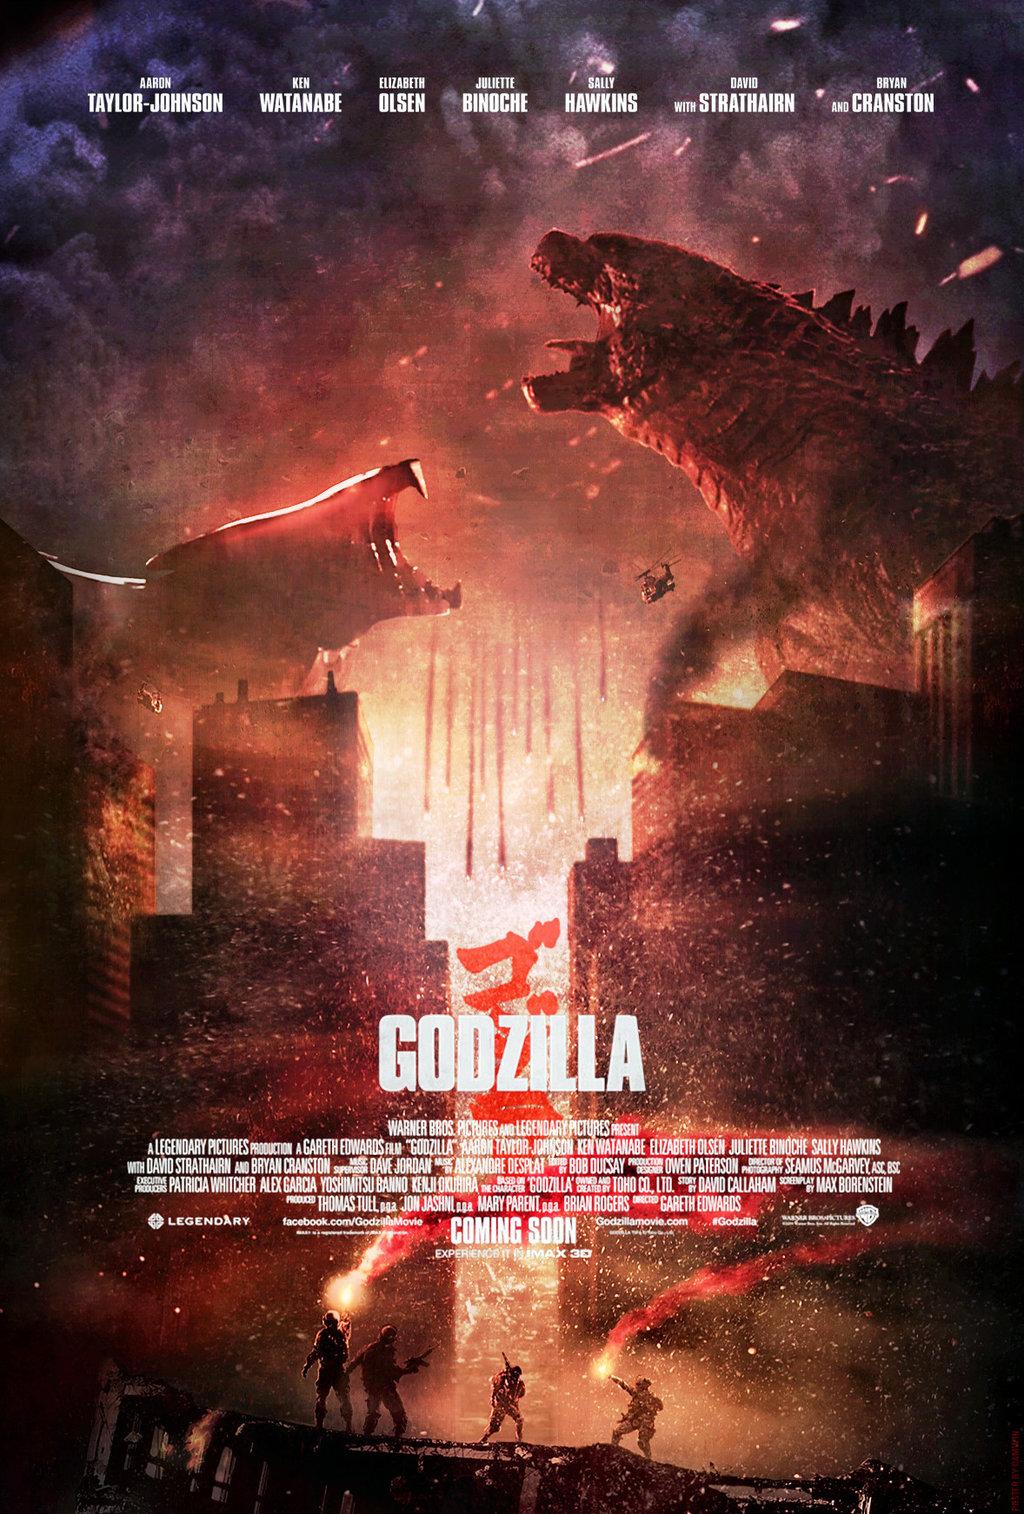 Godzilla (2014, dir. GarethEdwards)